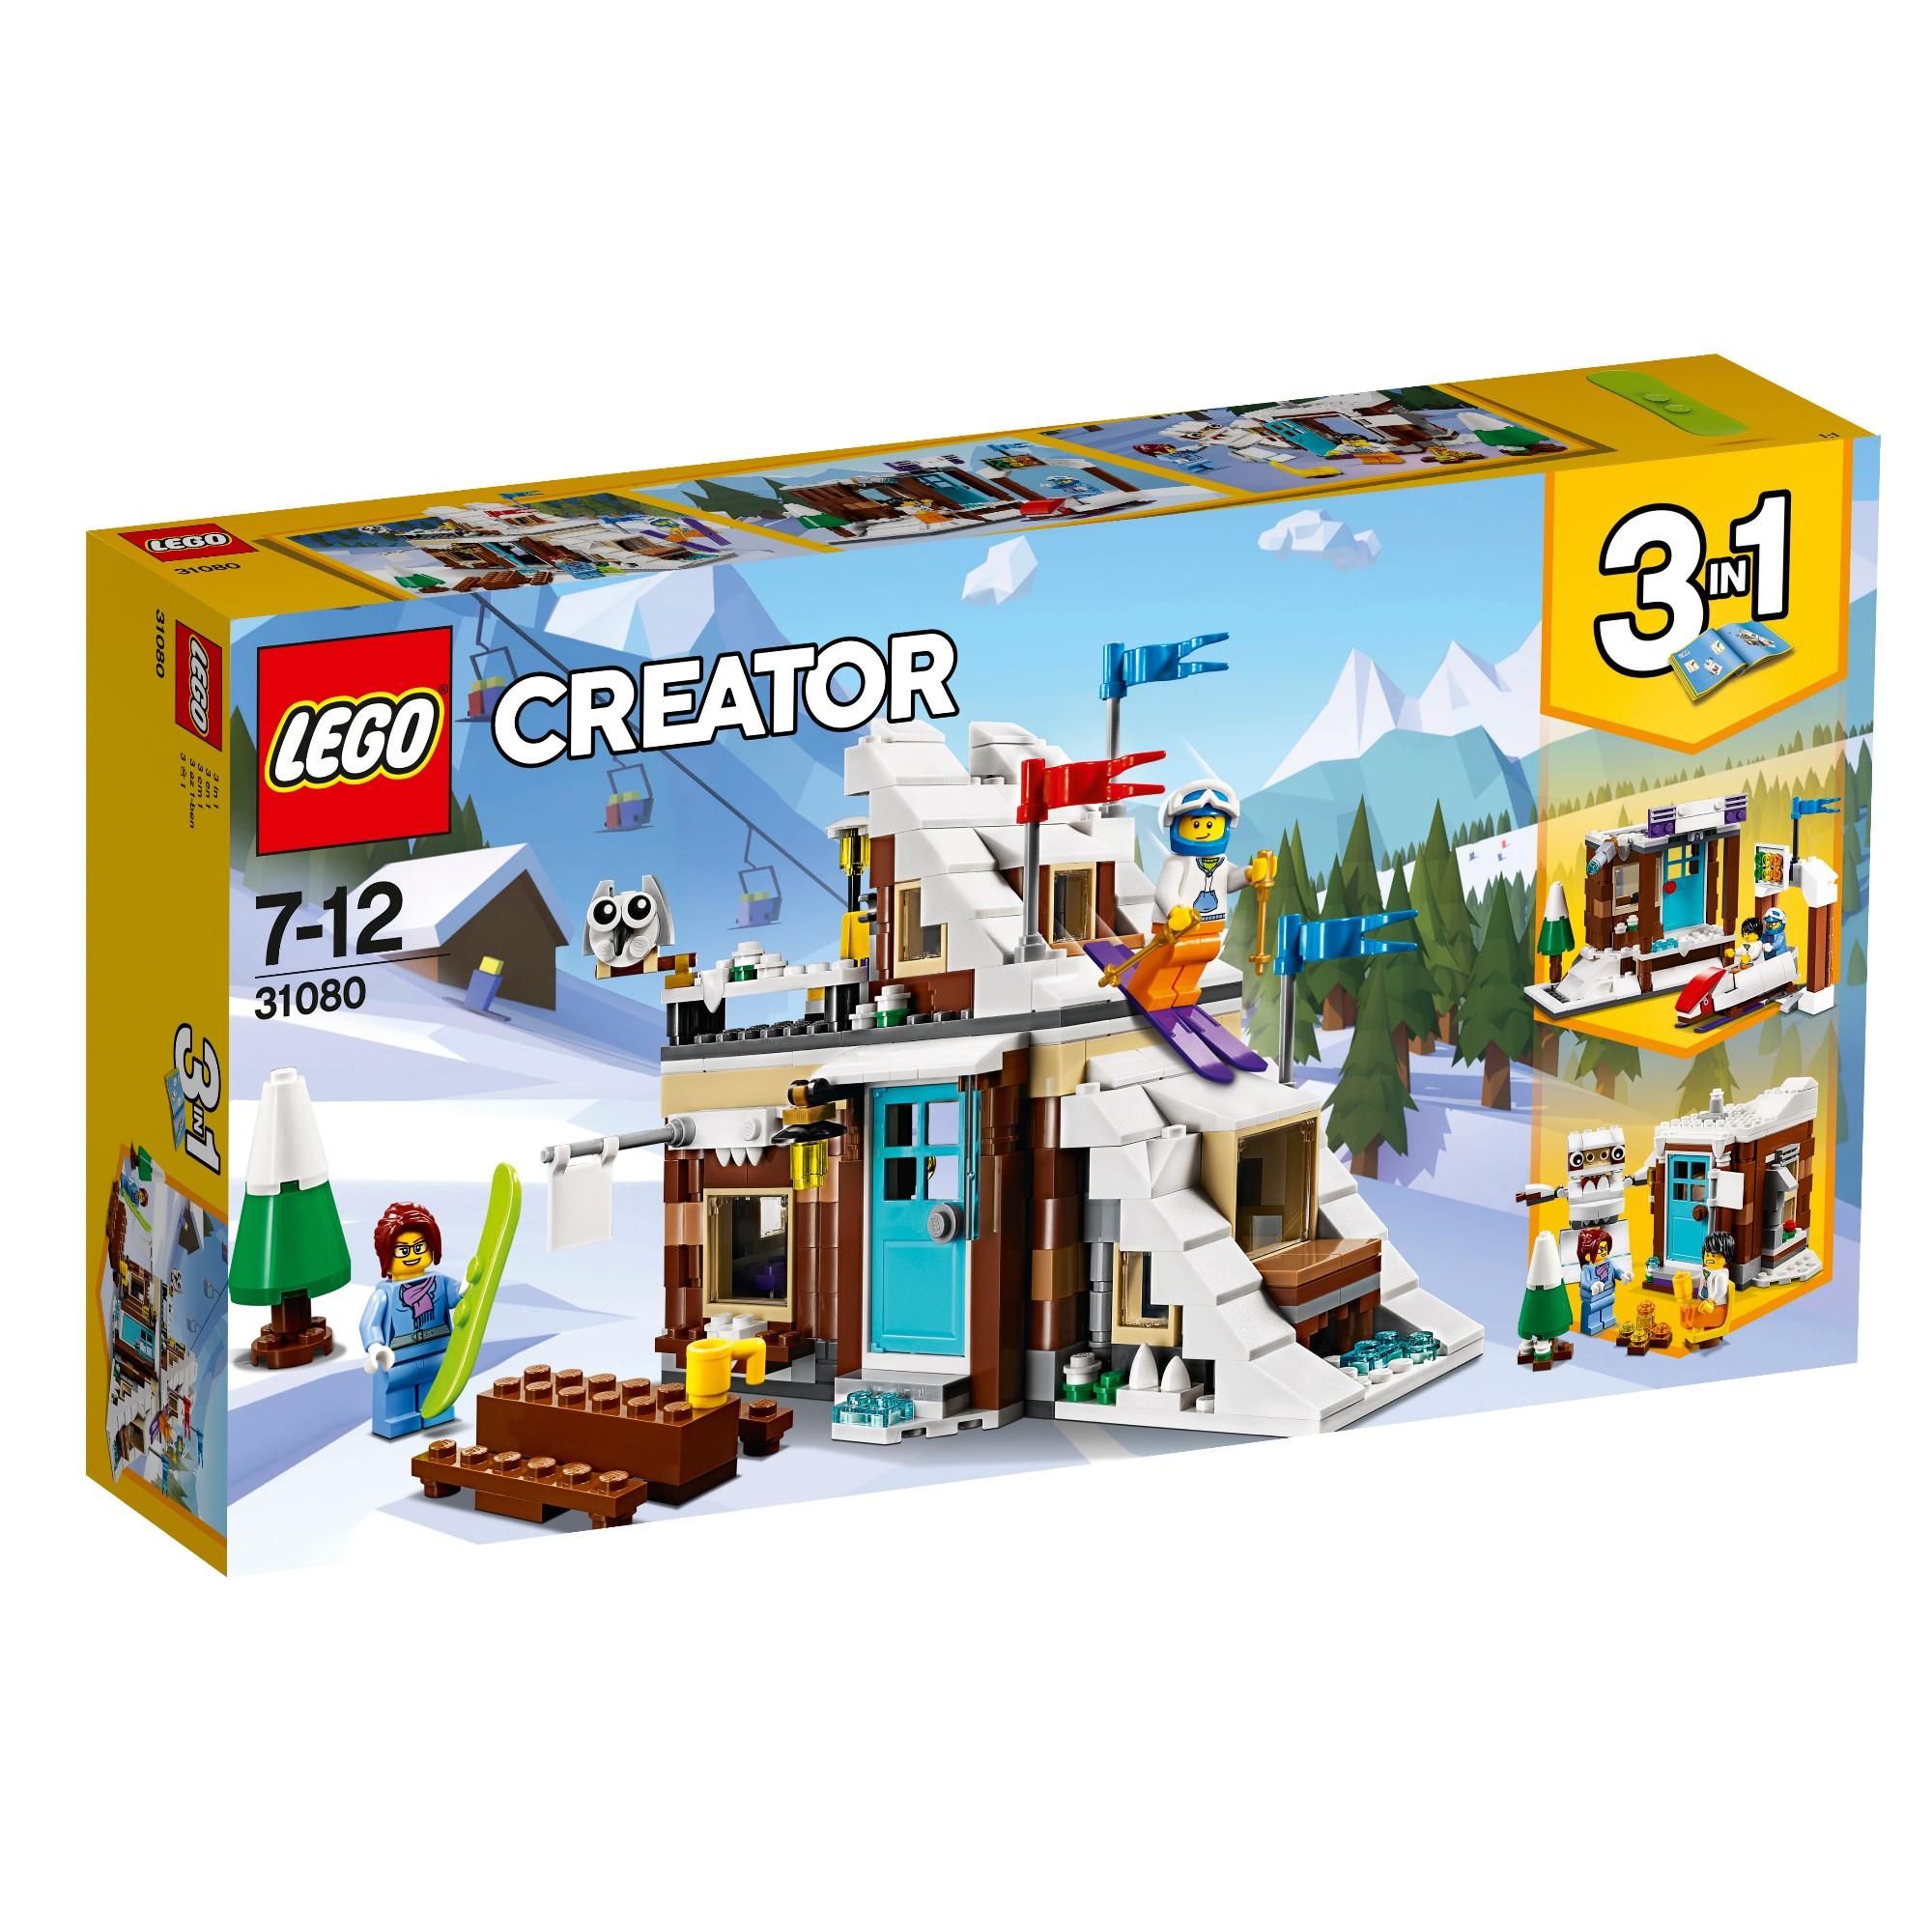 Konstruktorius LEGO CREATOR Modulinės žiemos atostogos 7-12 metų vaikams (31080)